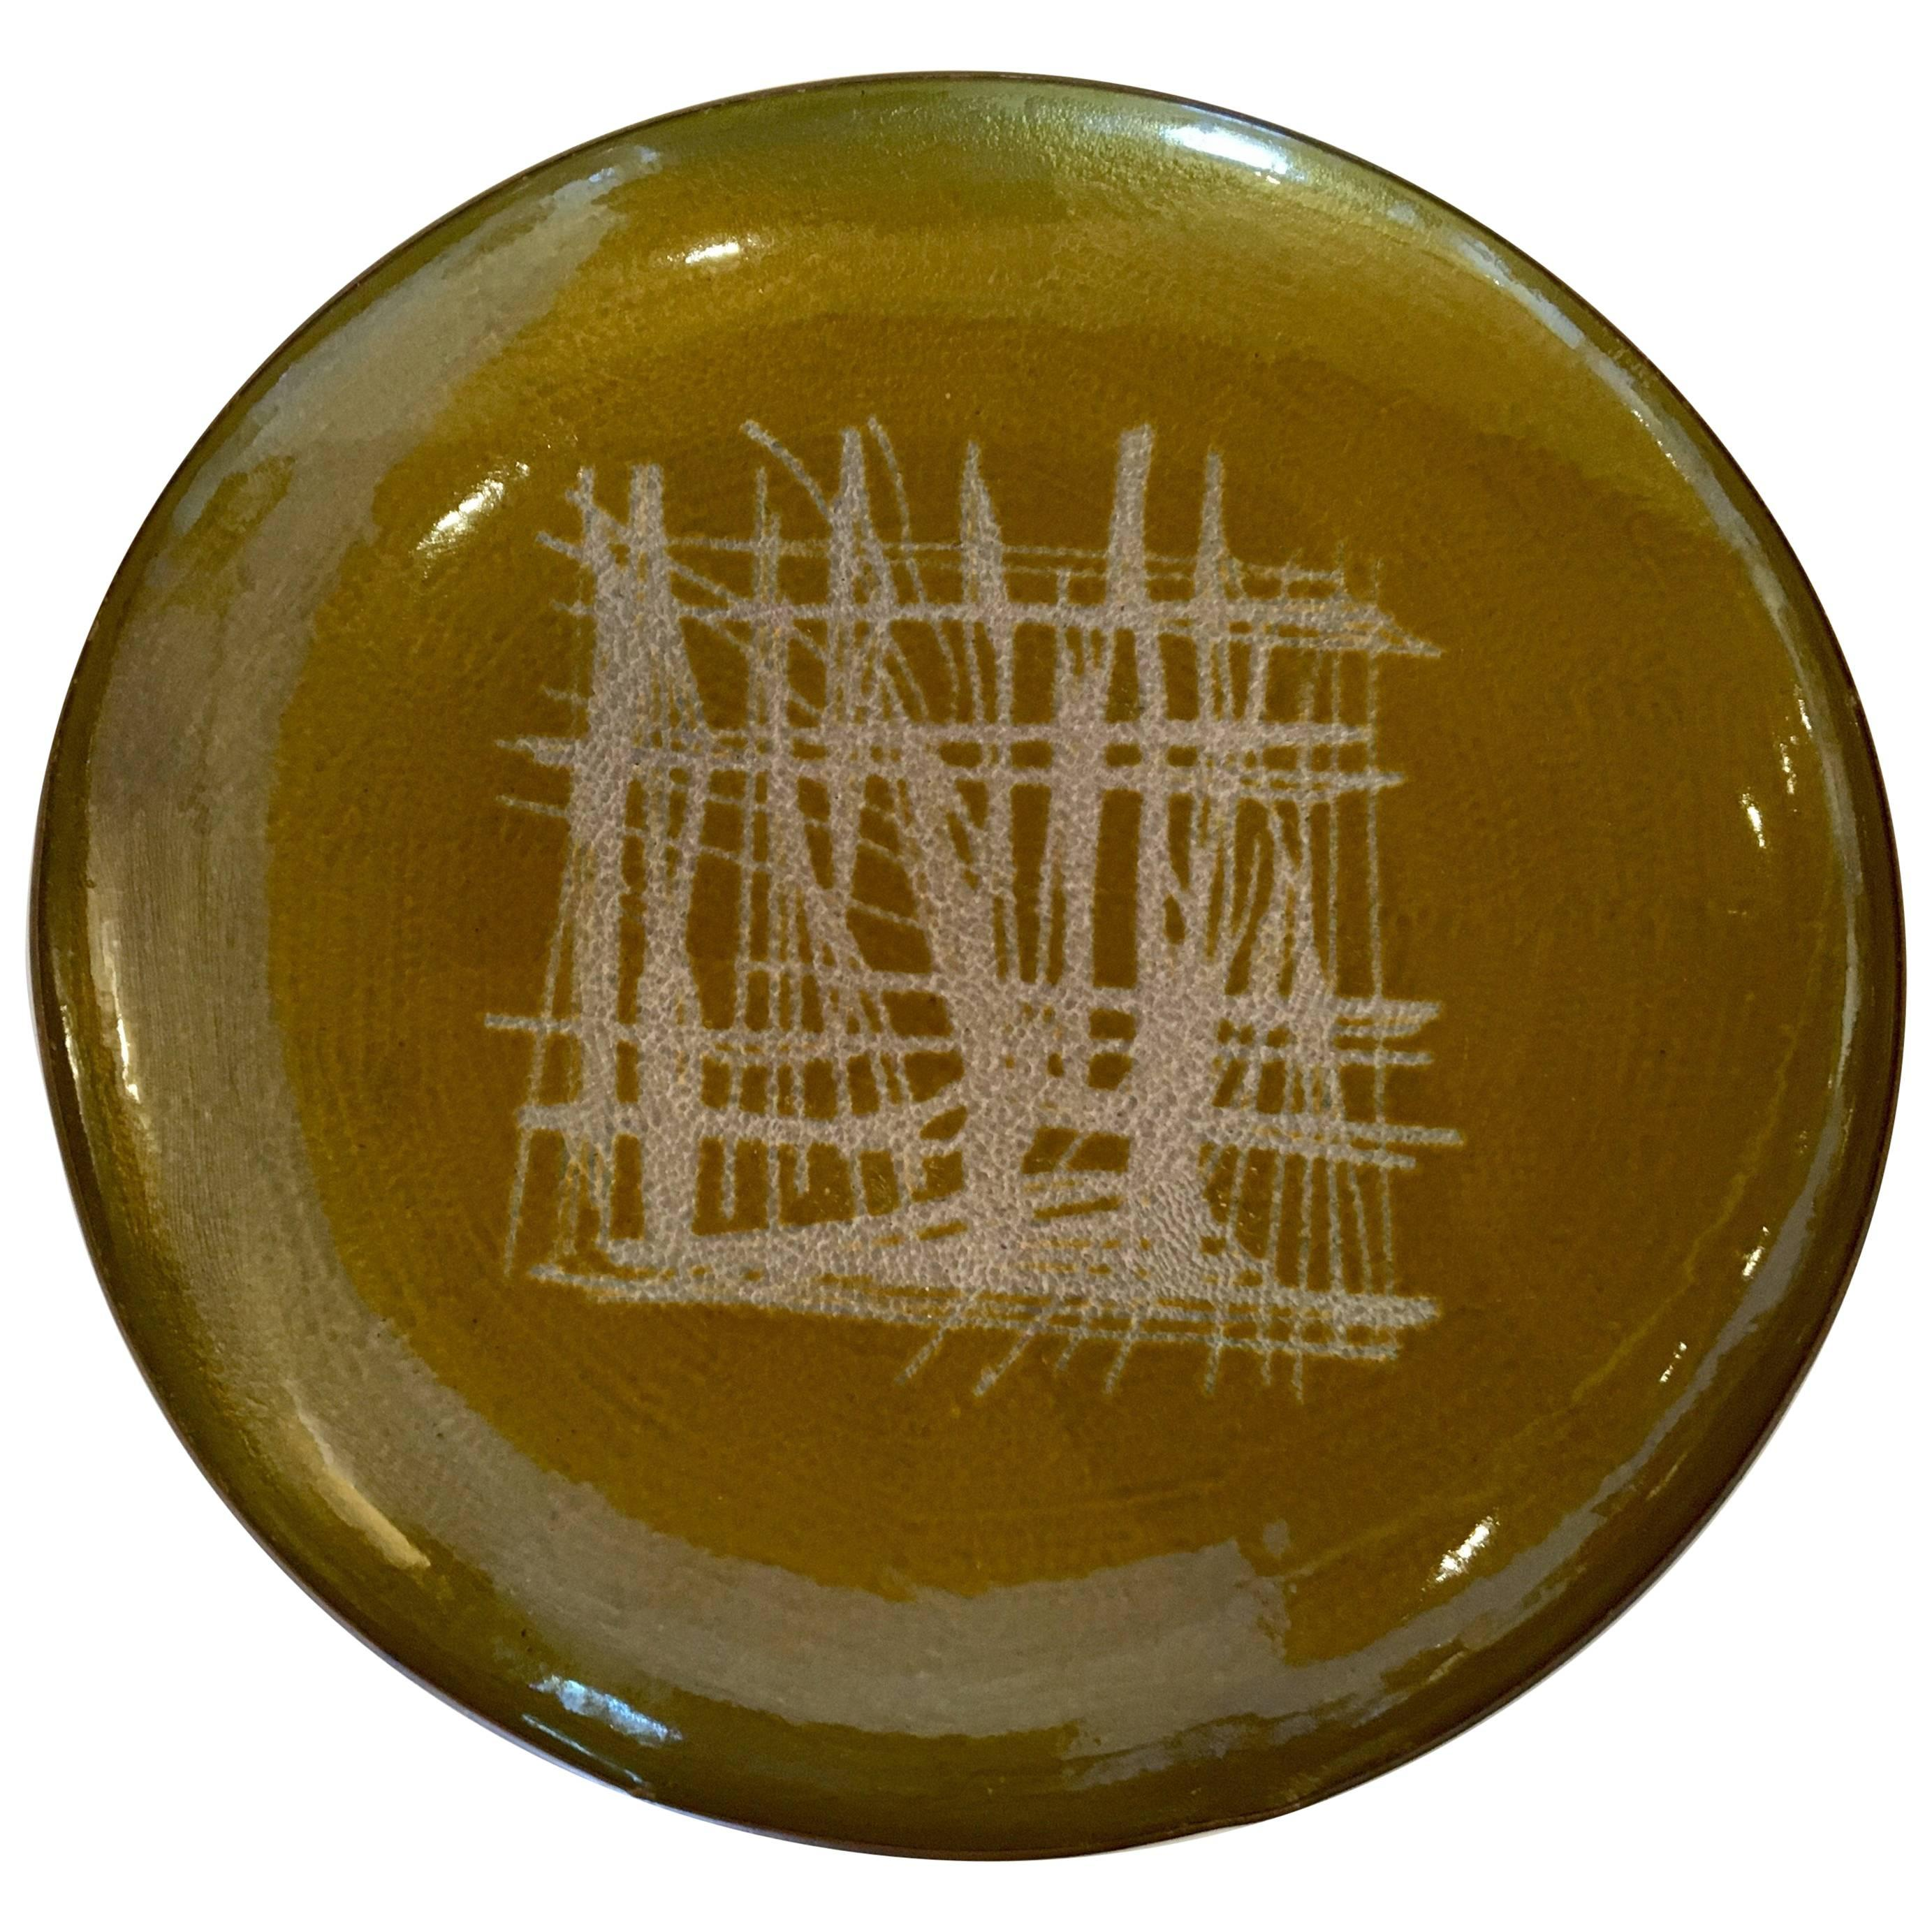 Danish Modern Rare Enamel on Copper Low Bowl by Arne Tjomsland